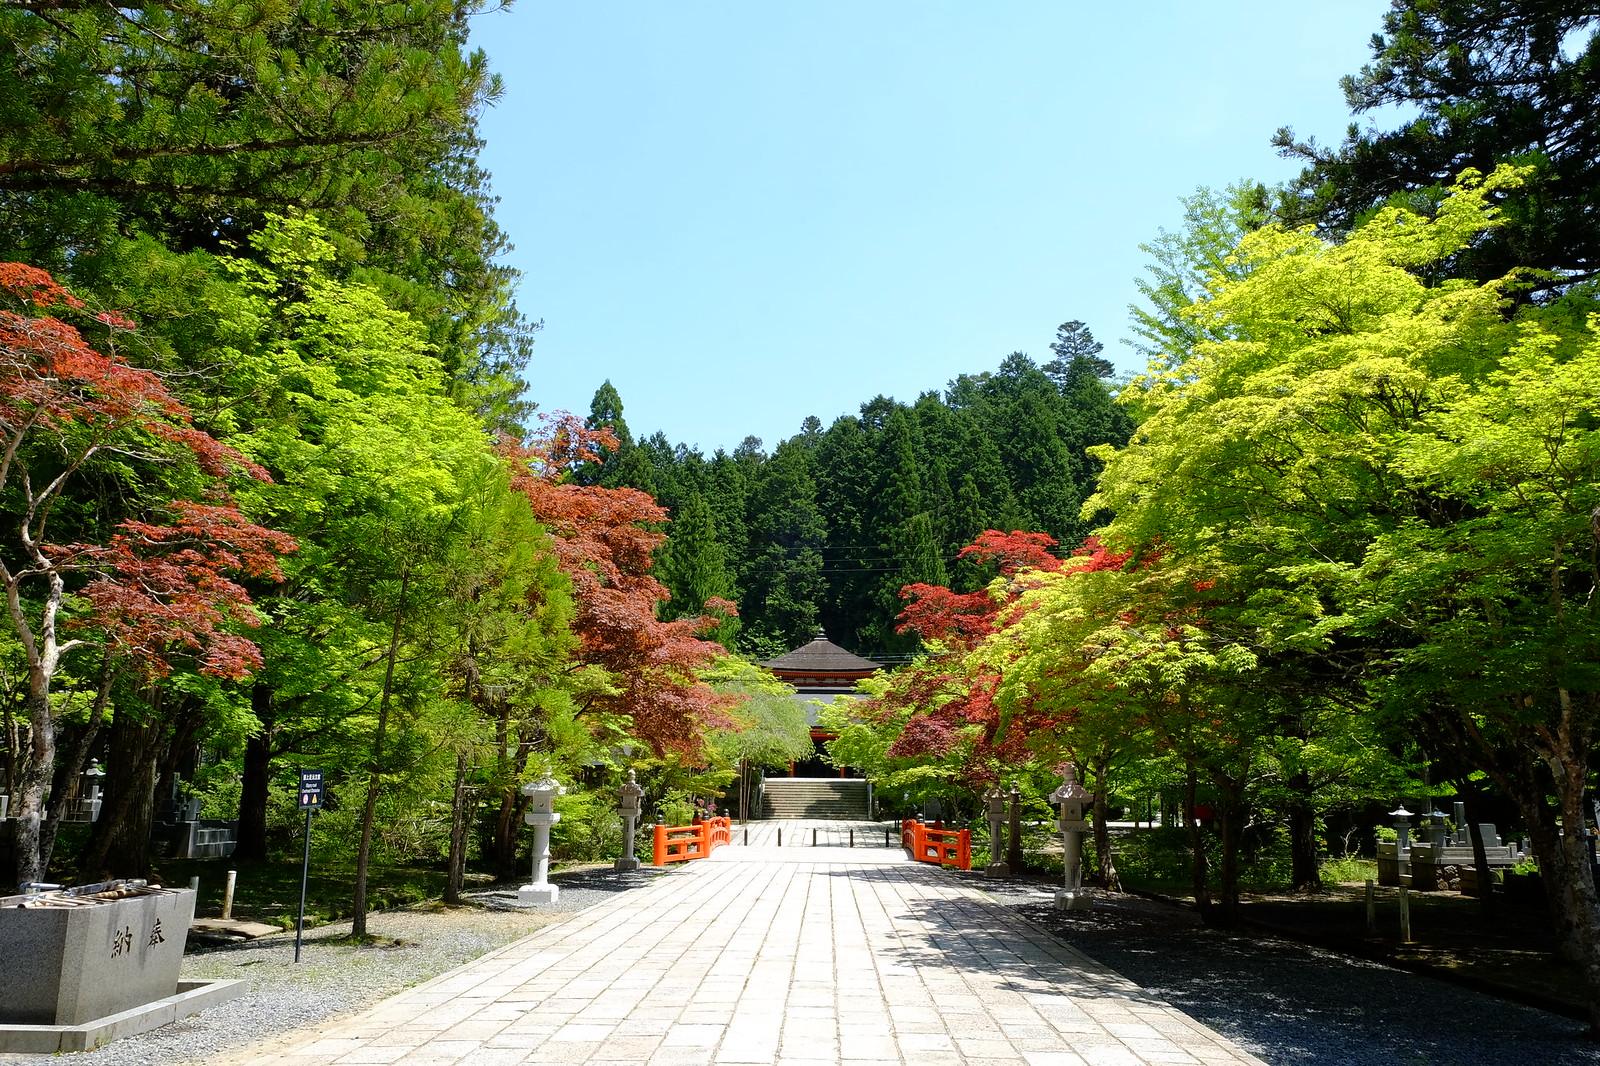 【高野山】3: 奧之院散策 – maptabi